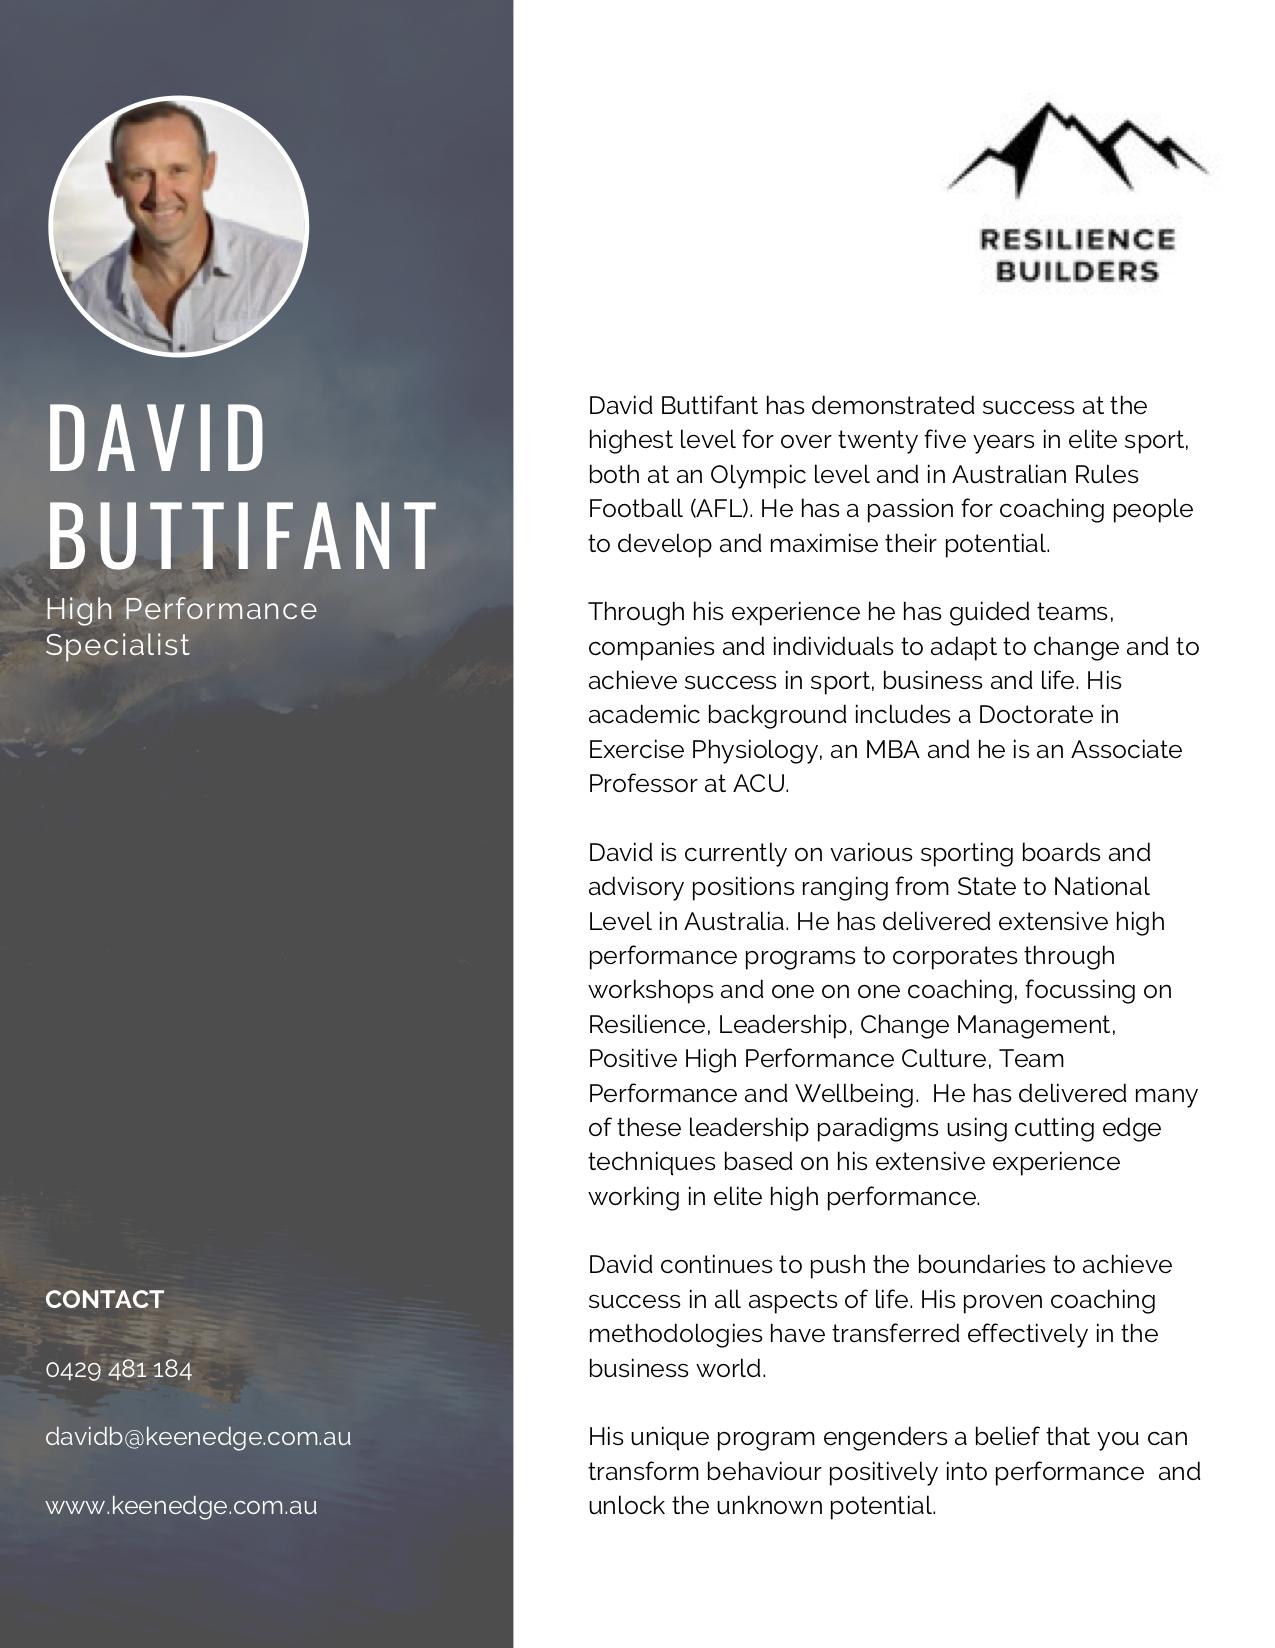 David Buttifant bio.png